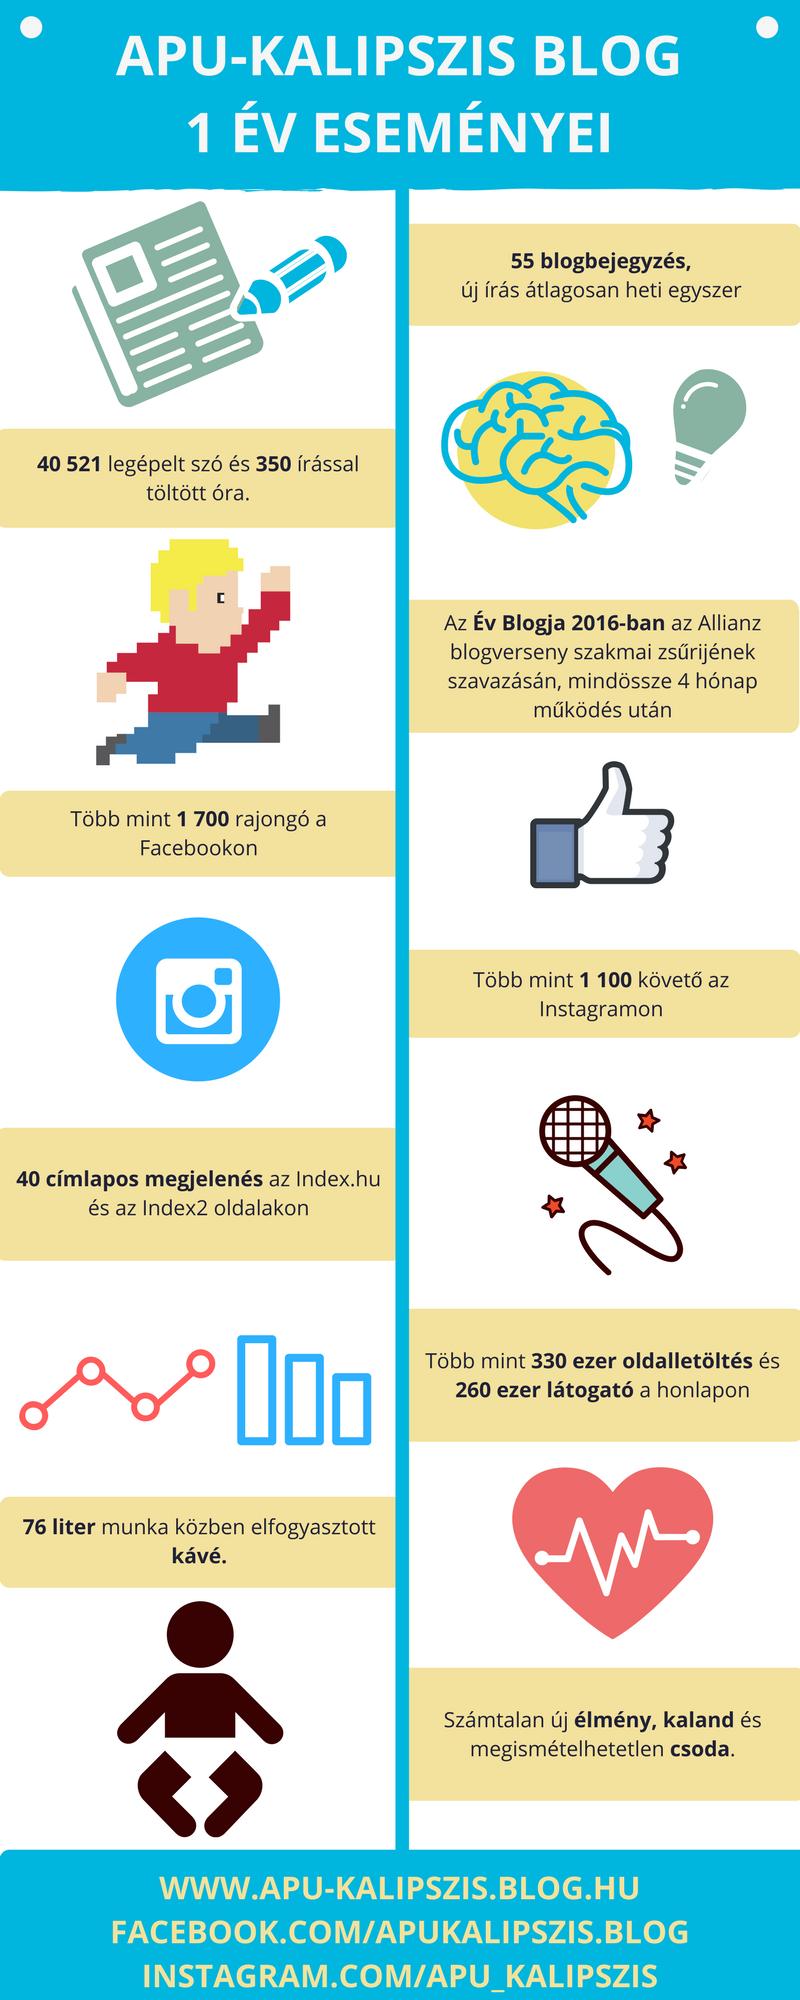 apu-kalipszis_blog_infograph.png